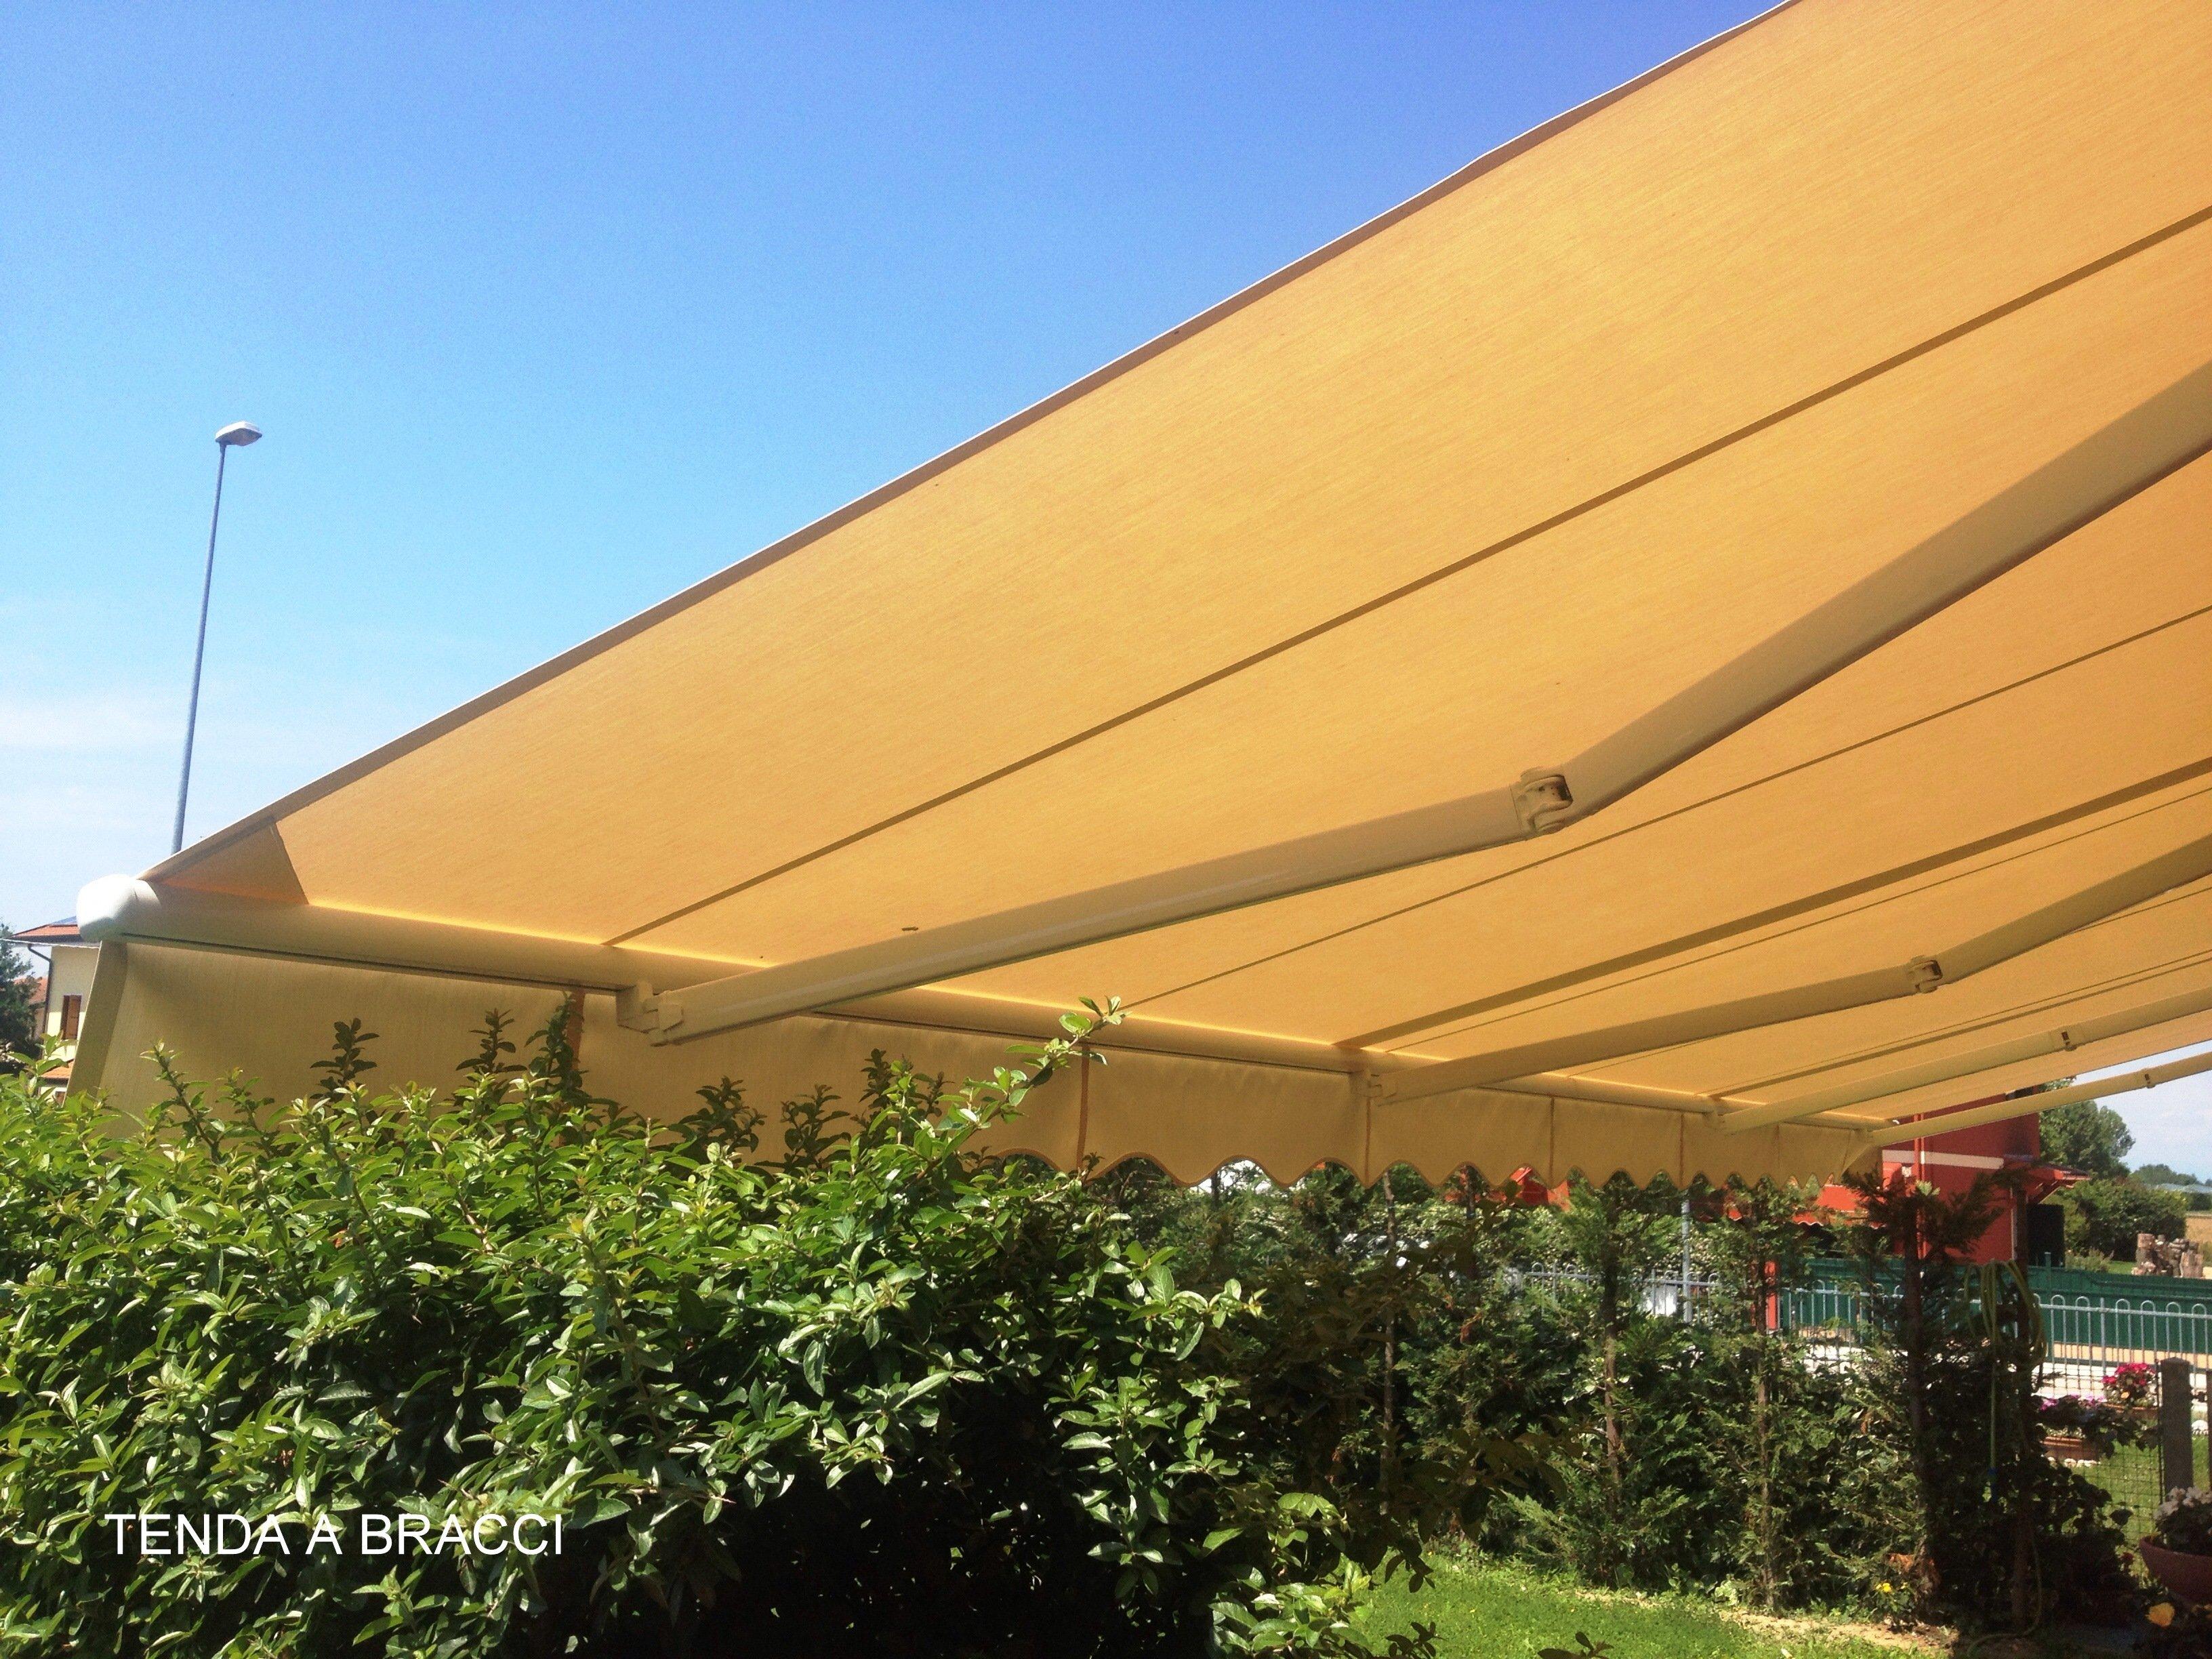 tenda estendibile giallo ocra